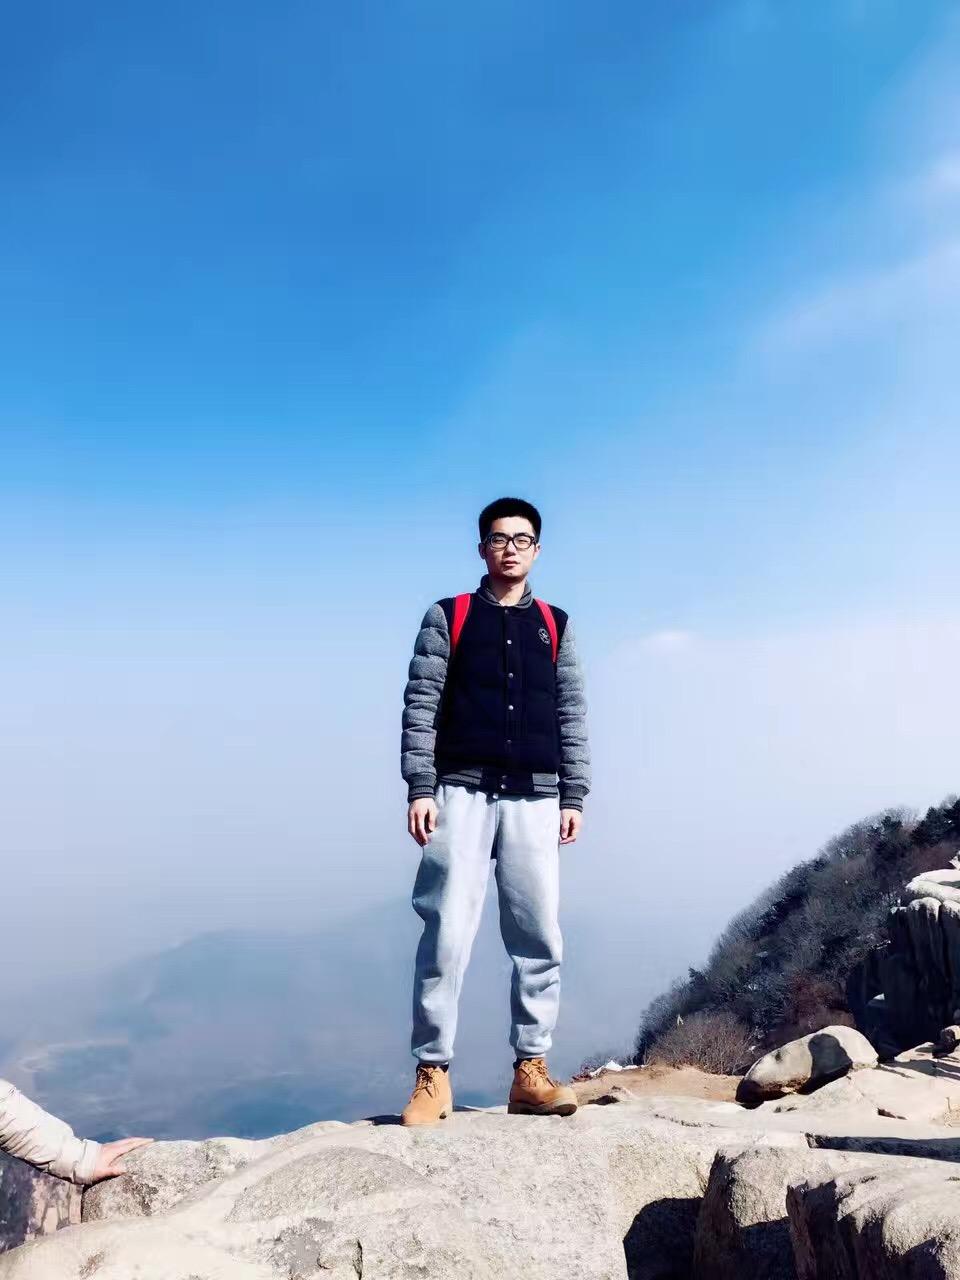 Mountain Tai, China